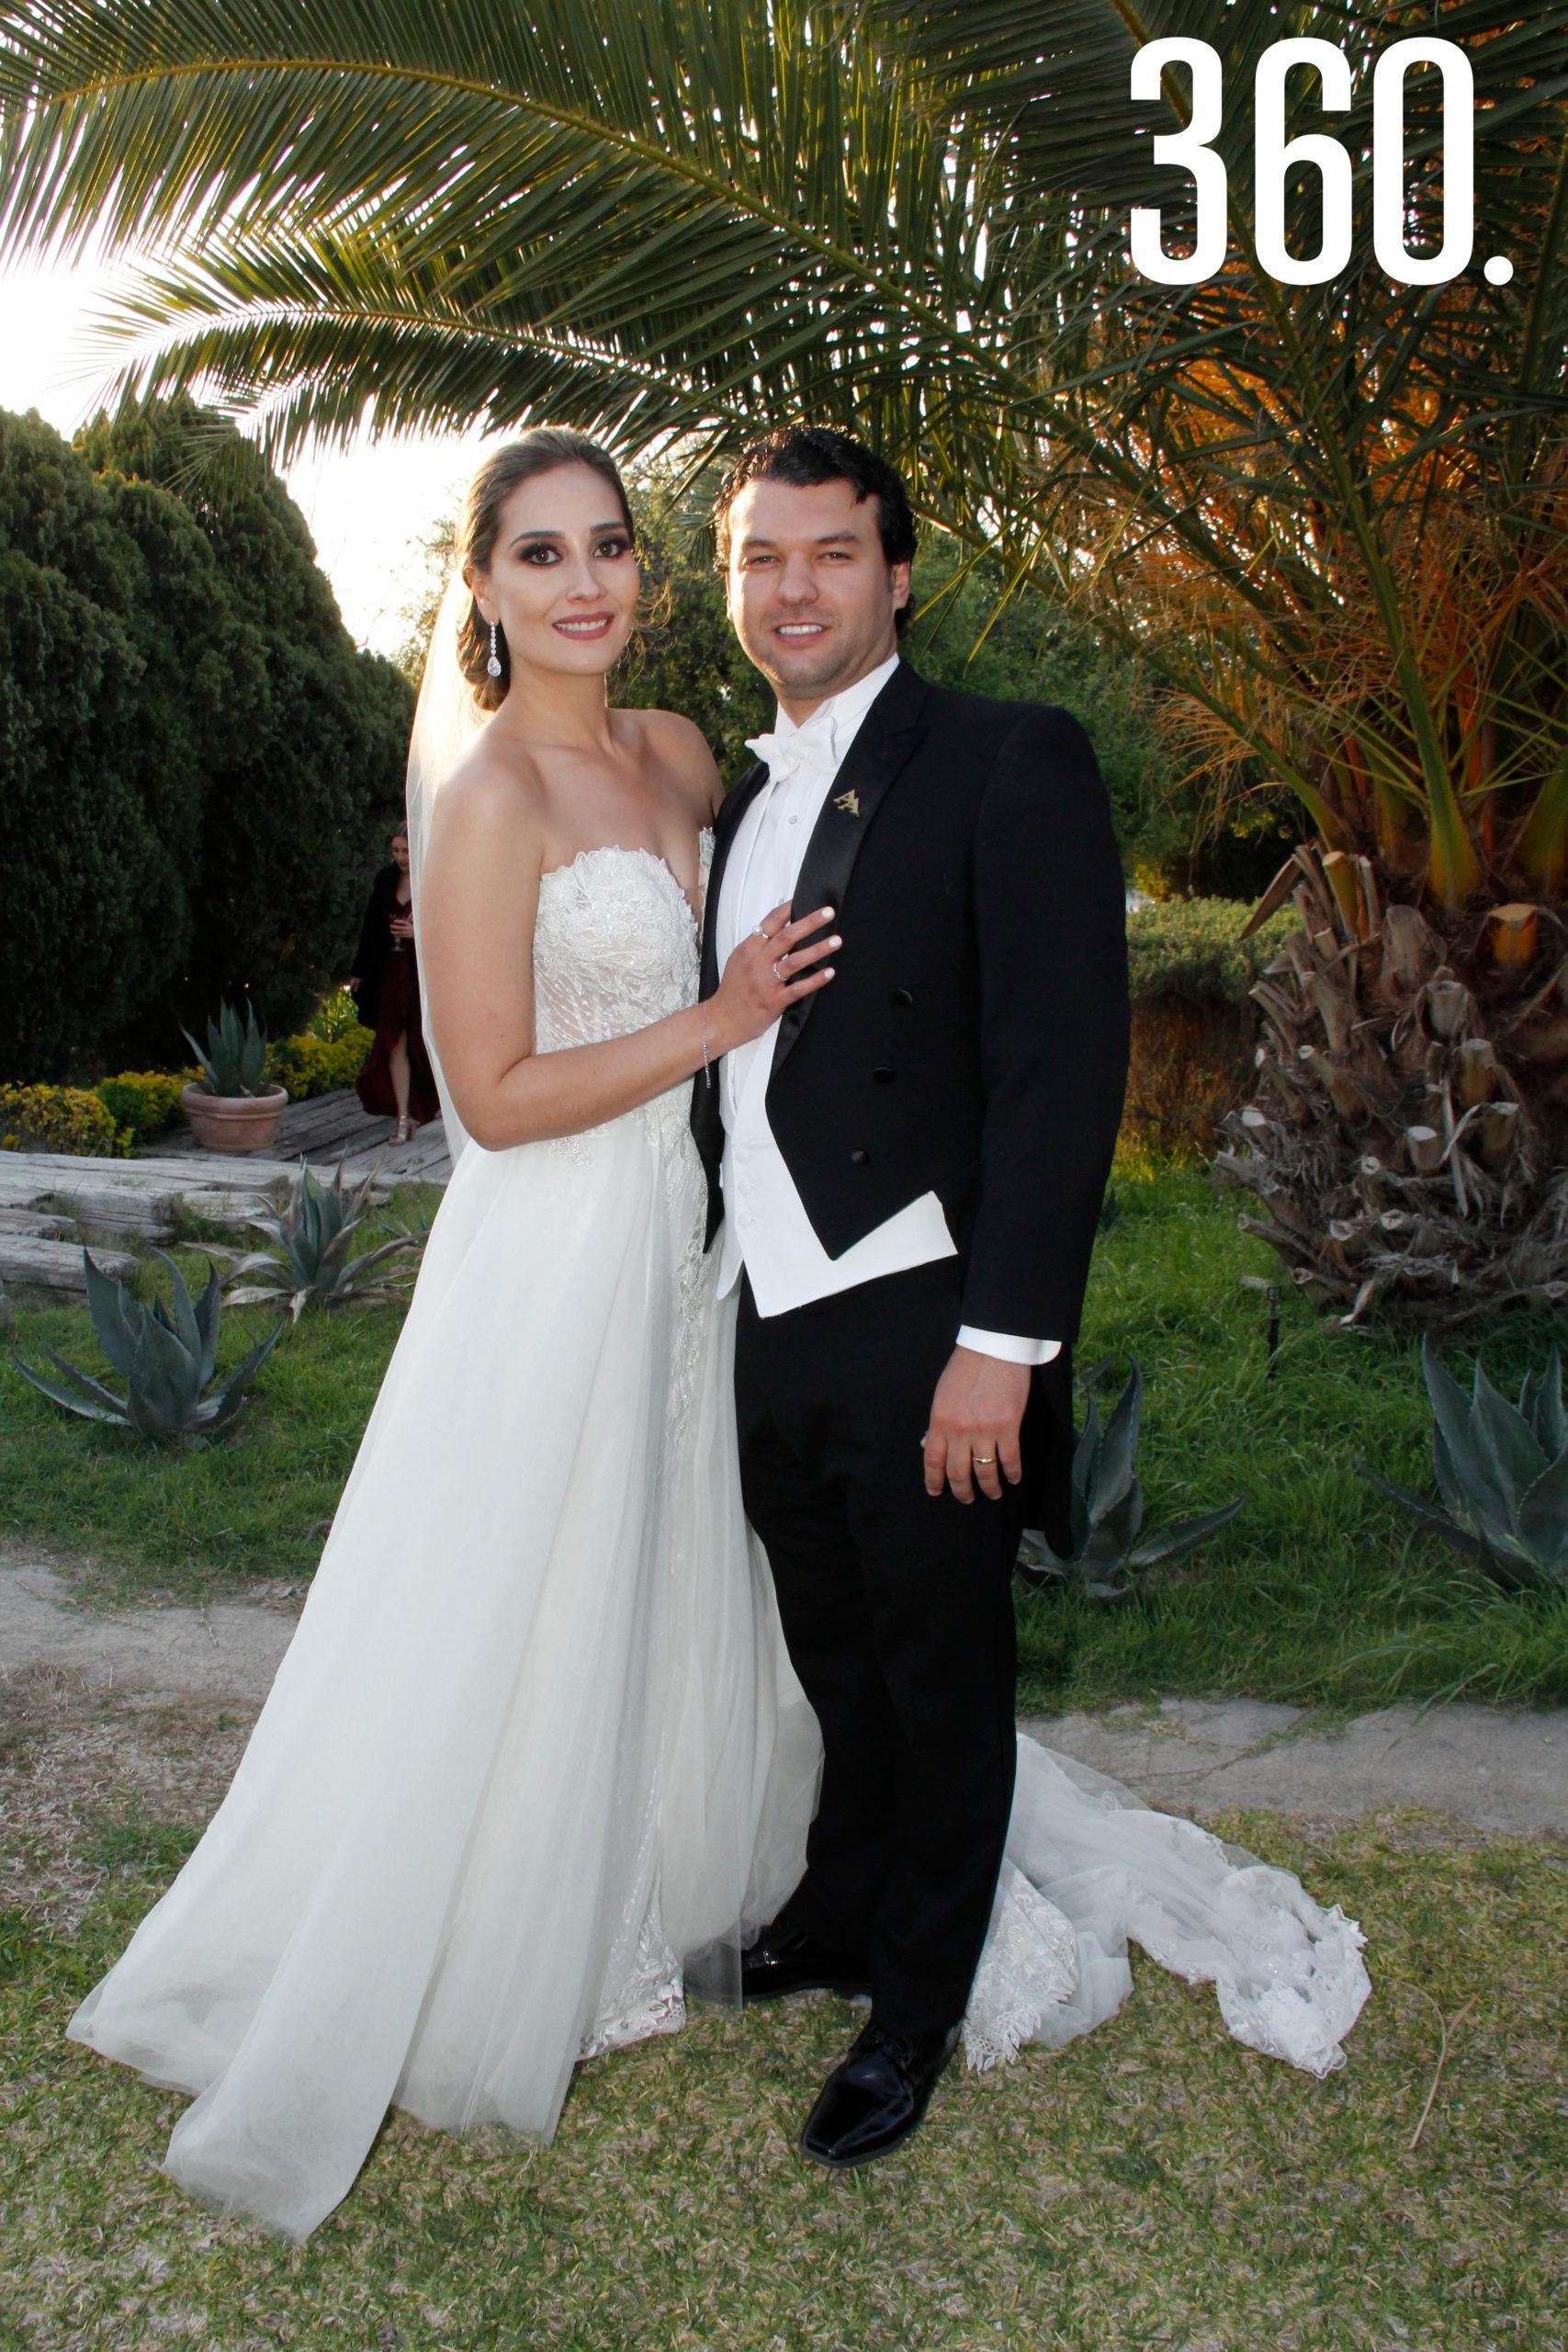 Andrea Hernández de la Mora y Álvaro Arzamendi Álvarez consagraron su amor ante Dios.